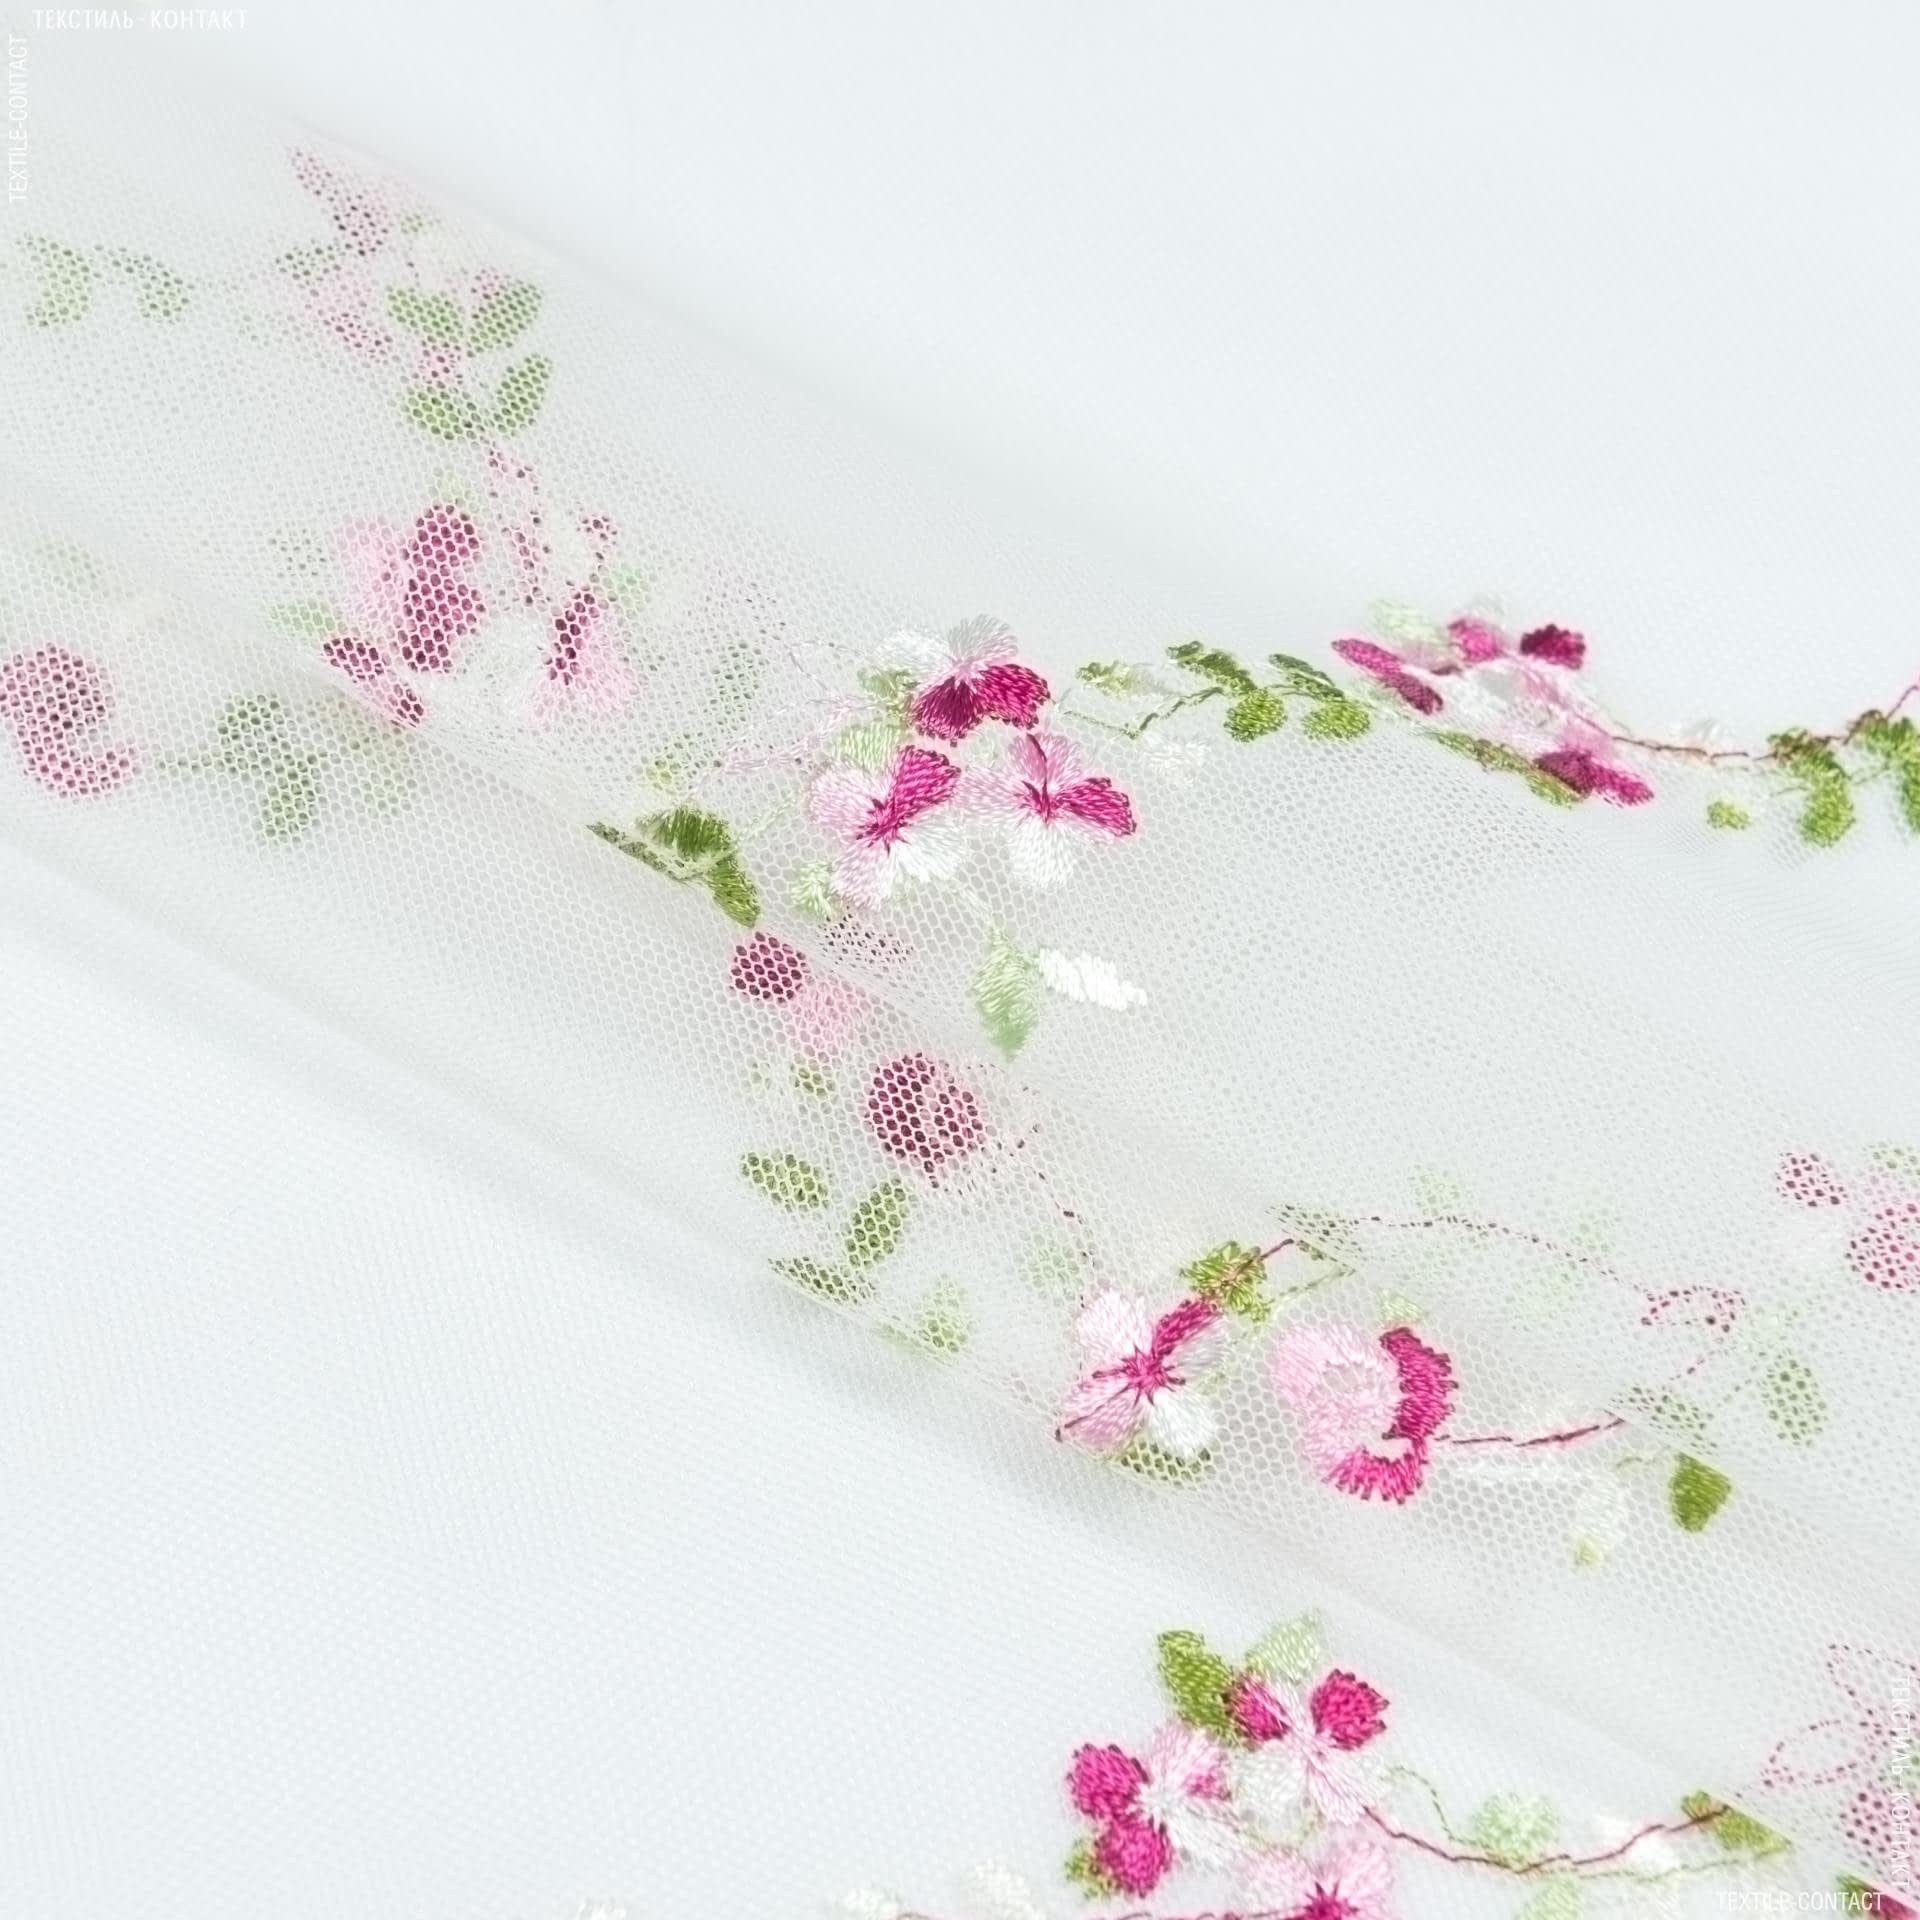 Ткани для тюли - Тюль  силена вышивка цветы фиолет